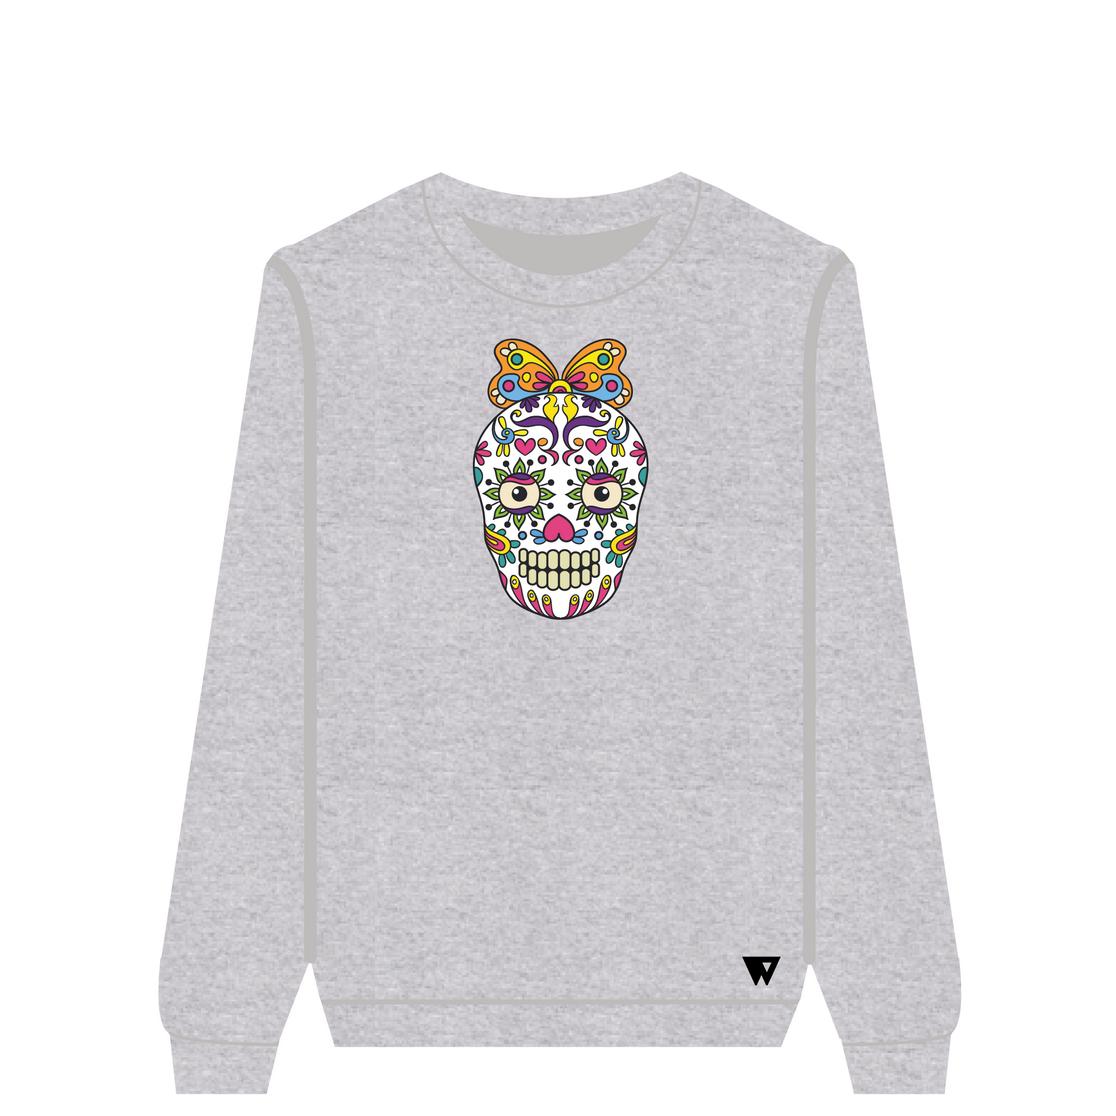 Sweatshirt Butterfly Skull | Wuzzee